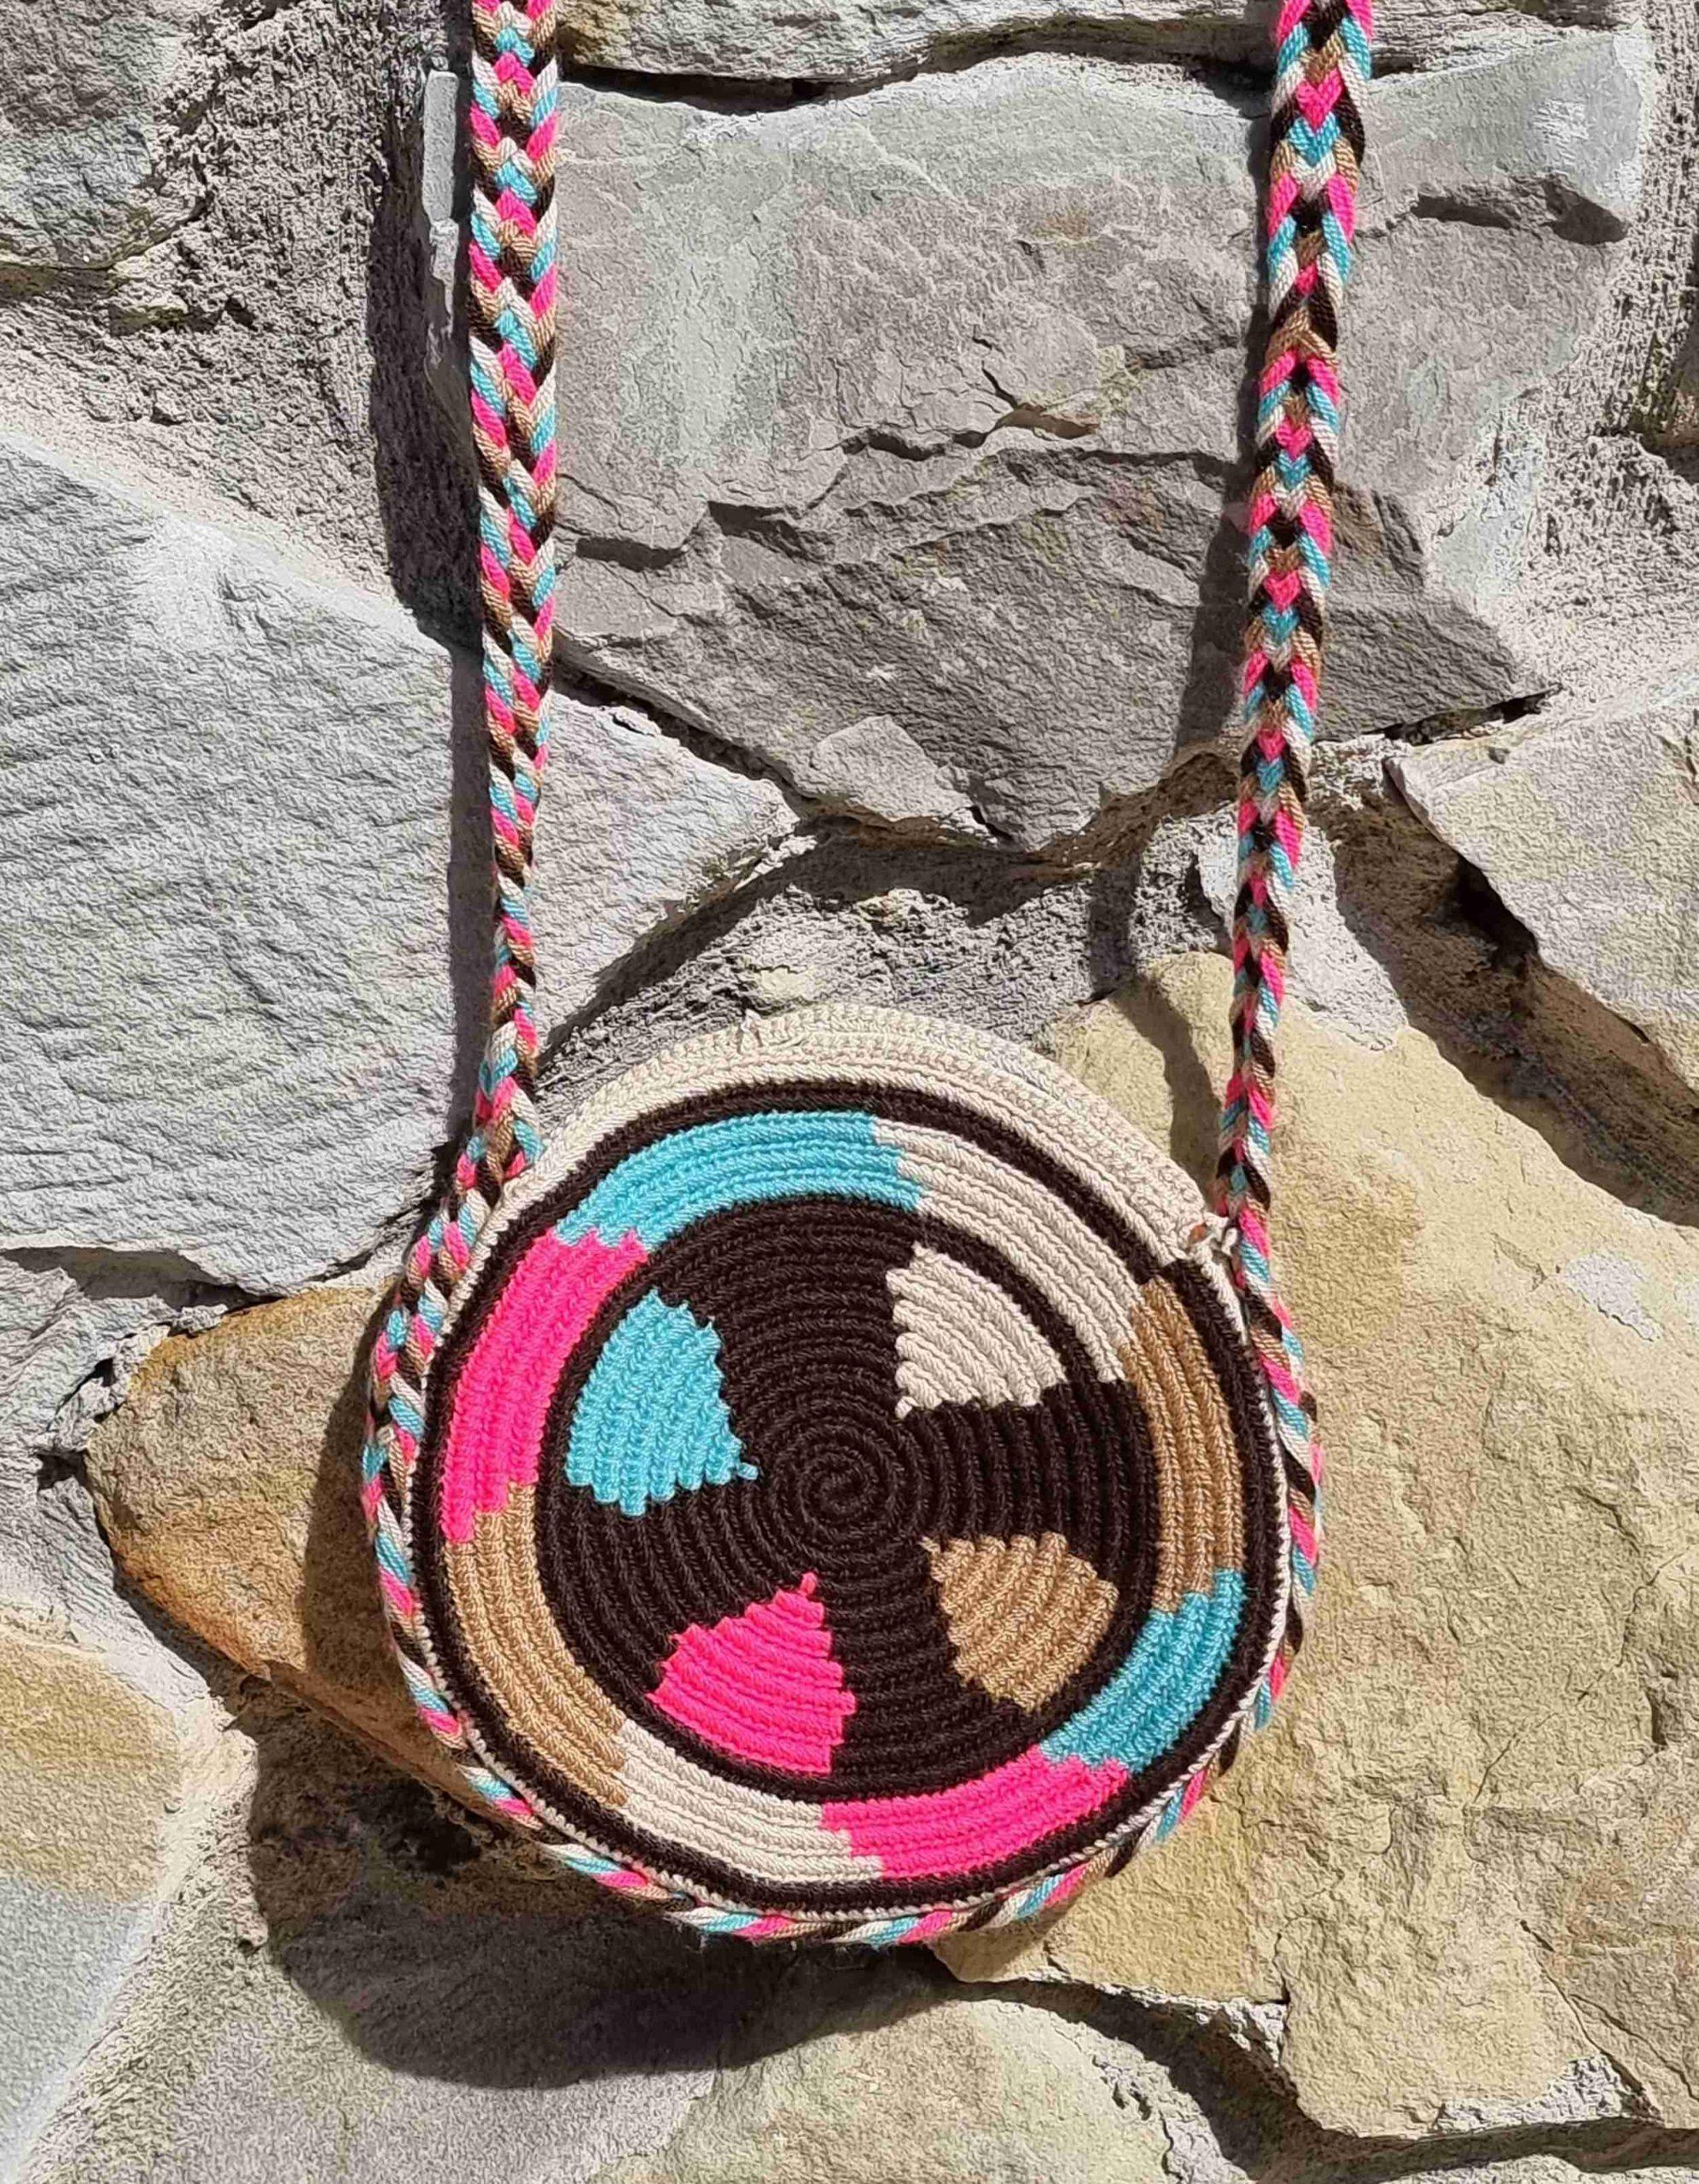 Bolso Pequeño Wayuu Original Auténtico (sólo 1 igual), con motivos tribales color azul, blanco, rosa y marrones varios